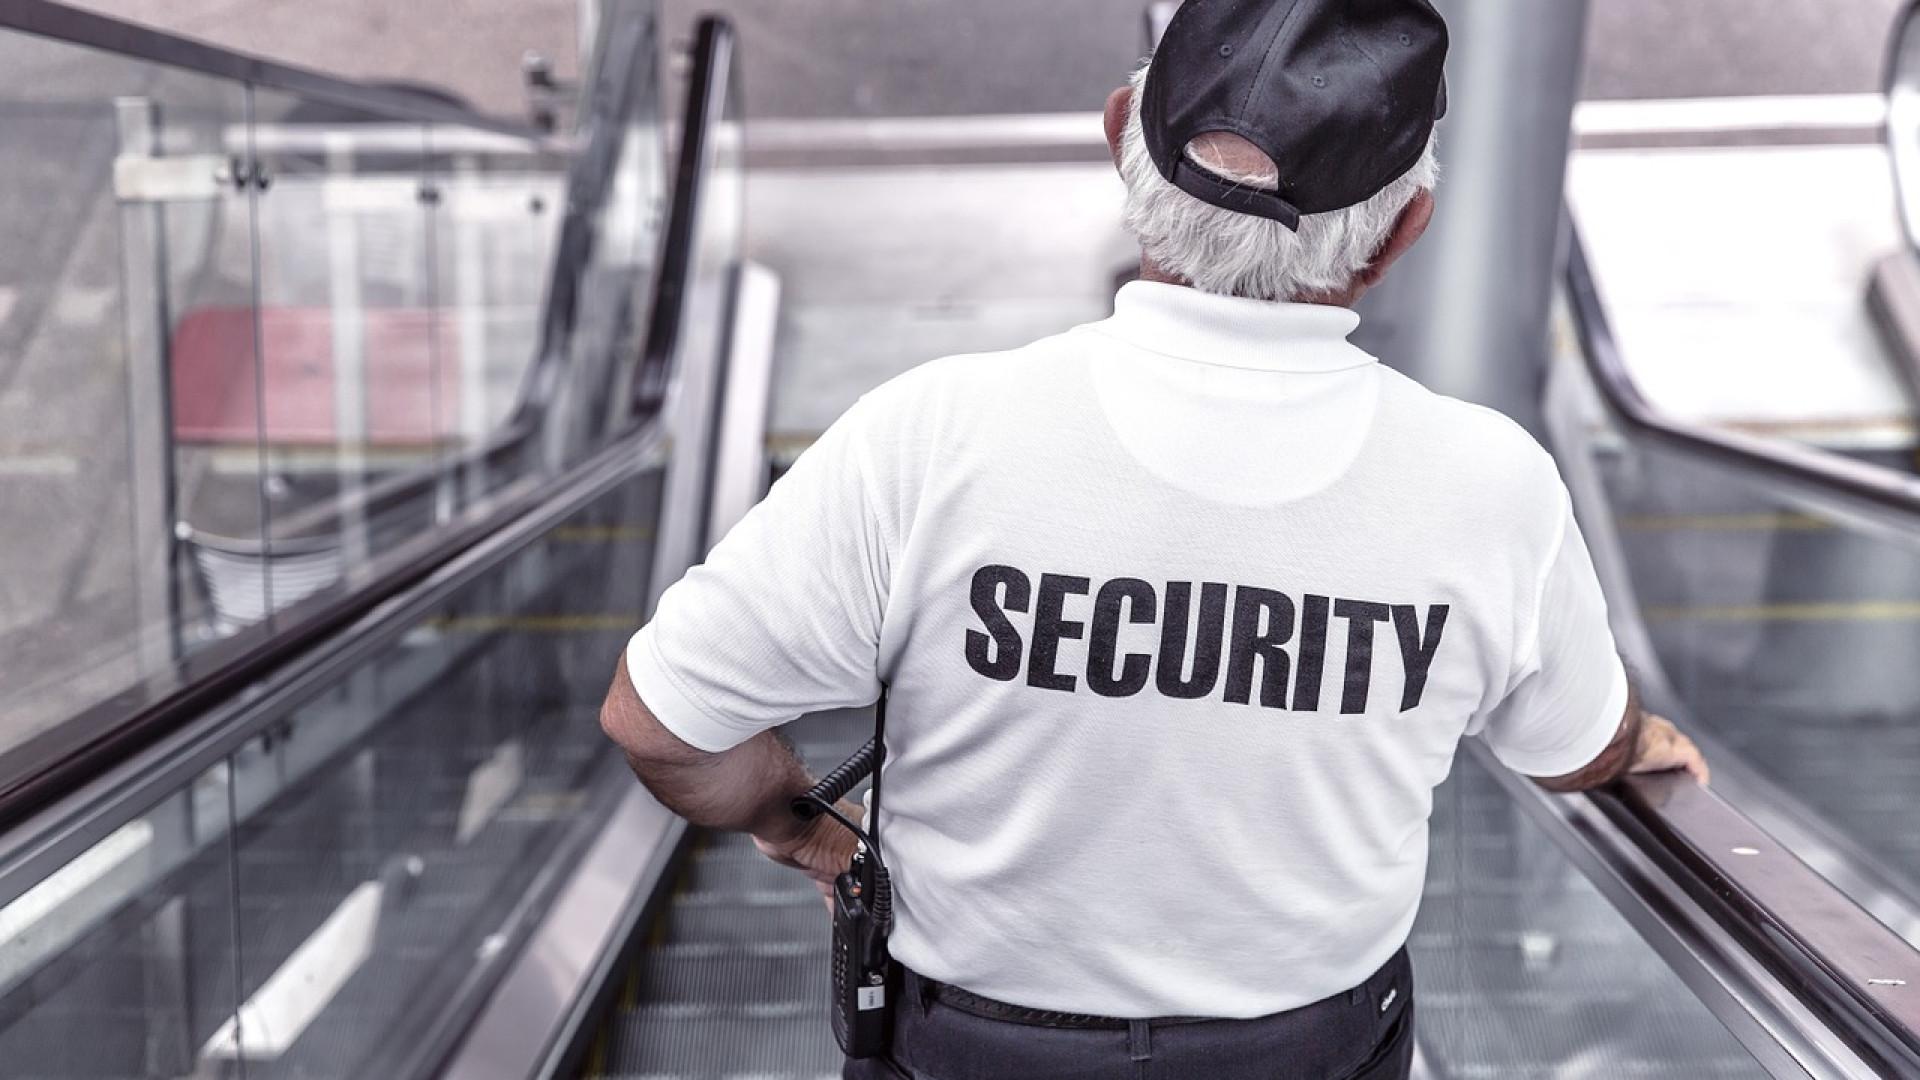 Comment bien choisir sa société de sécurité privée?